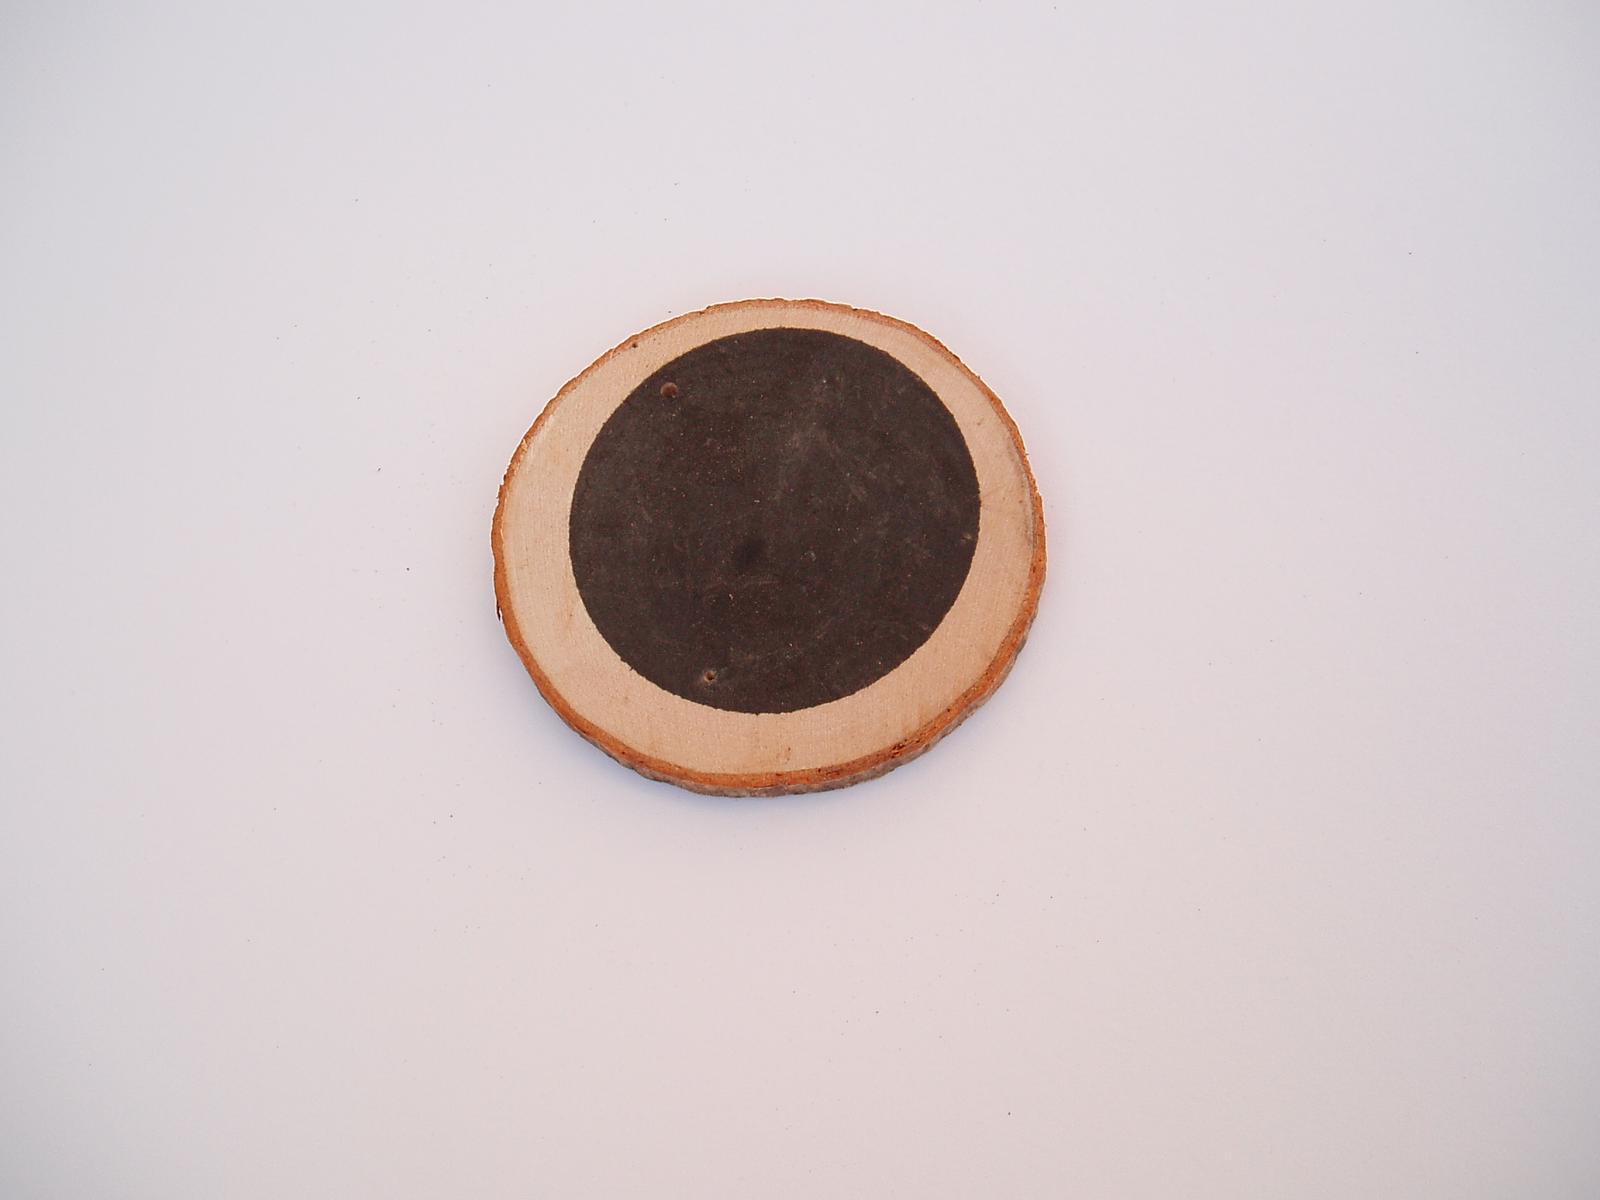 dřevěné kolečko na psaní - Obrázek č. 1